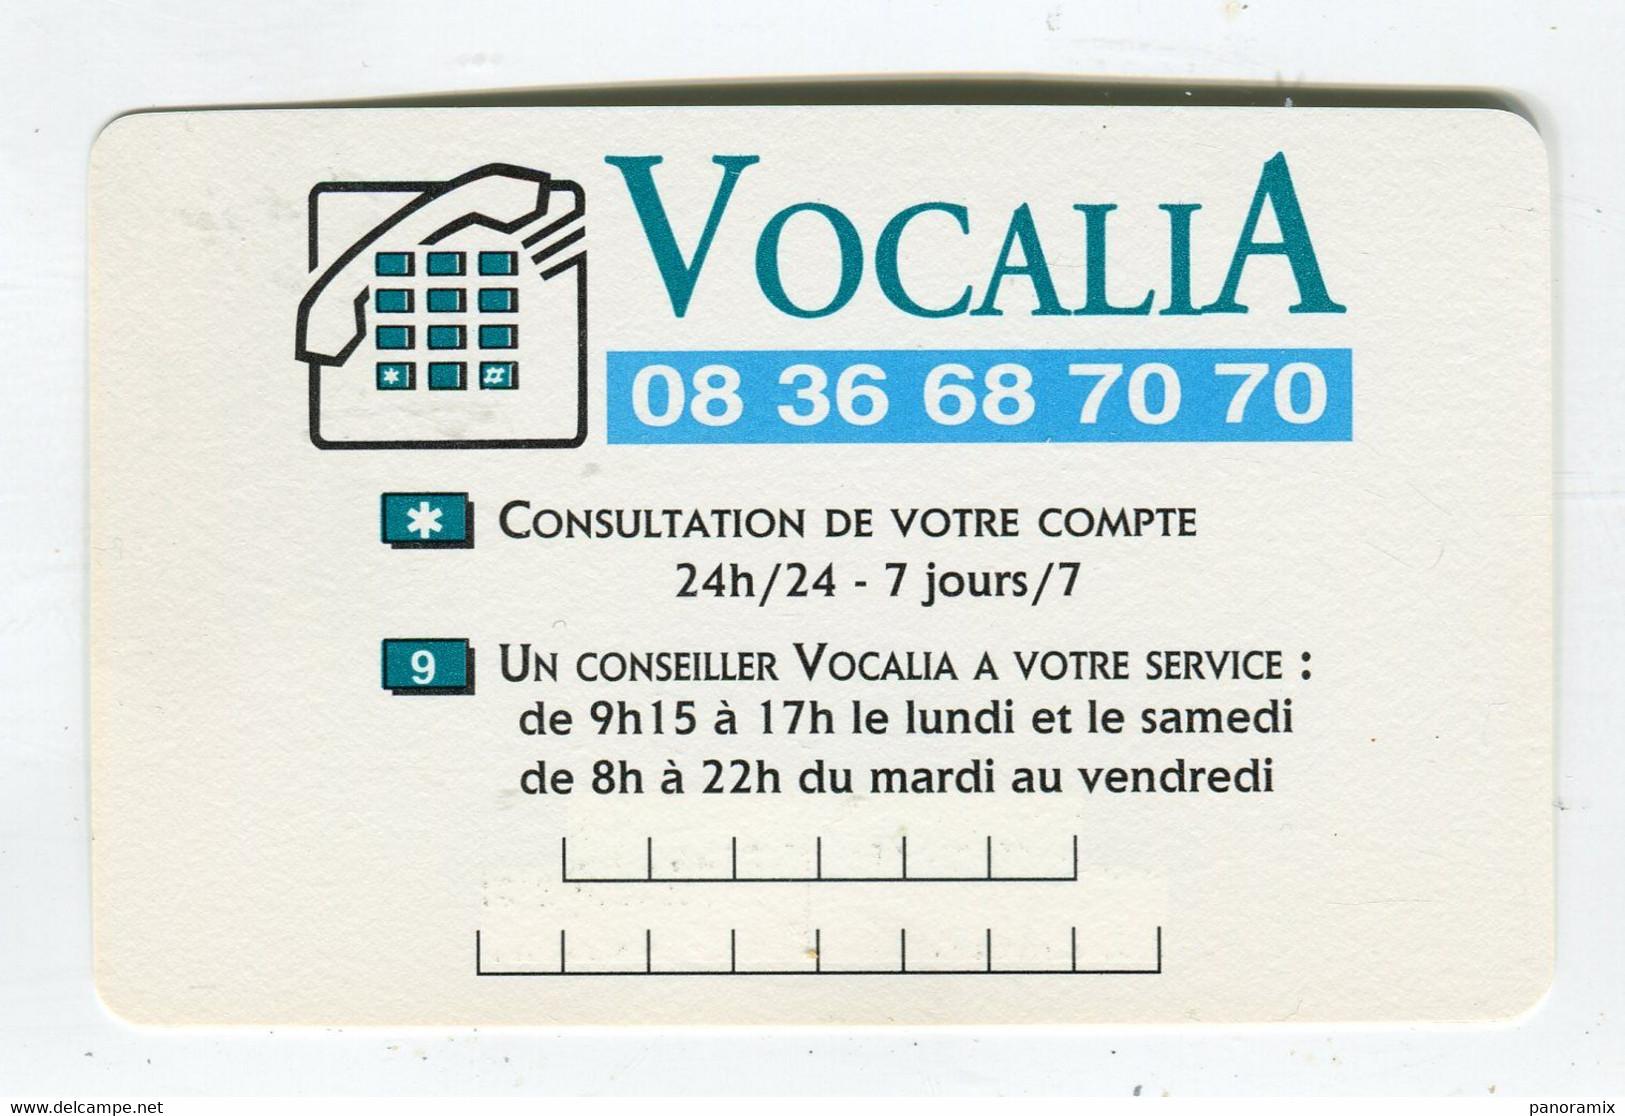 Carte De Visite °_ Carton-Société Générale-Service Vocalia-Consultation - Visiting Cards